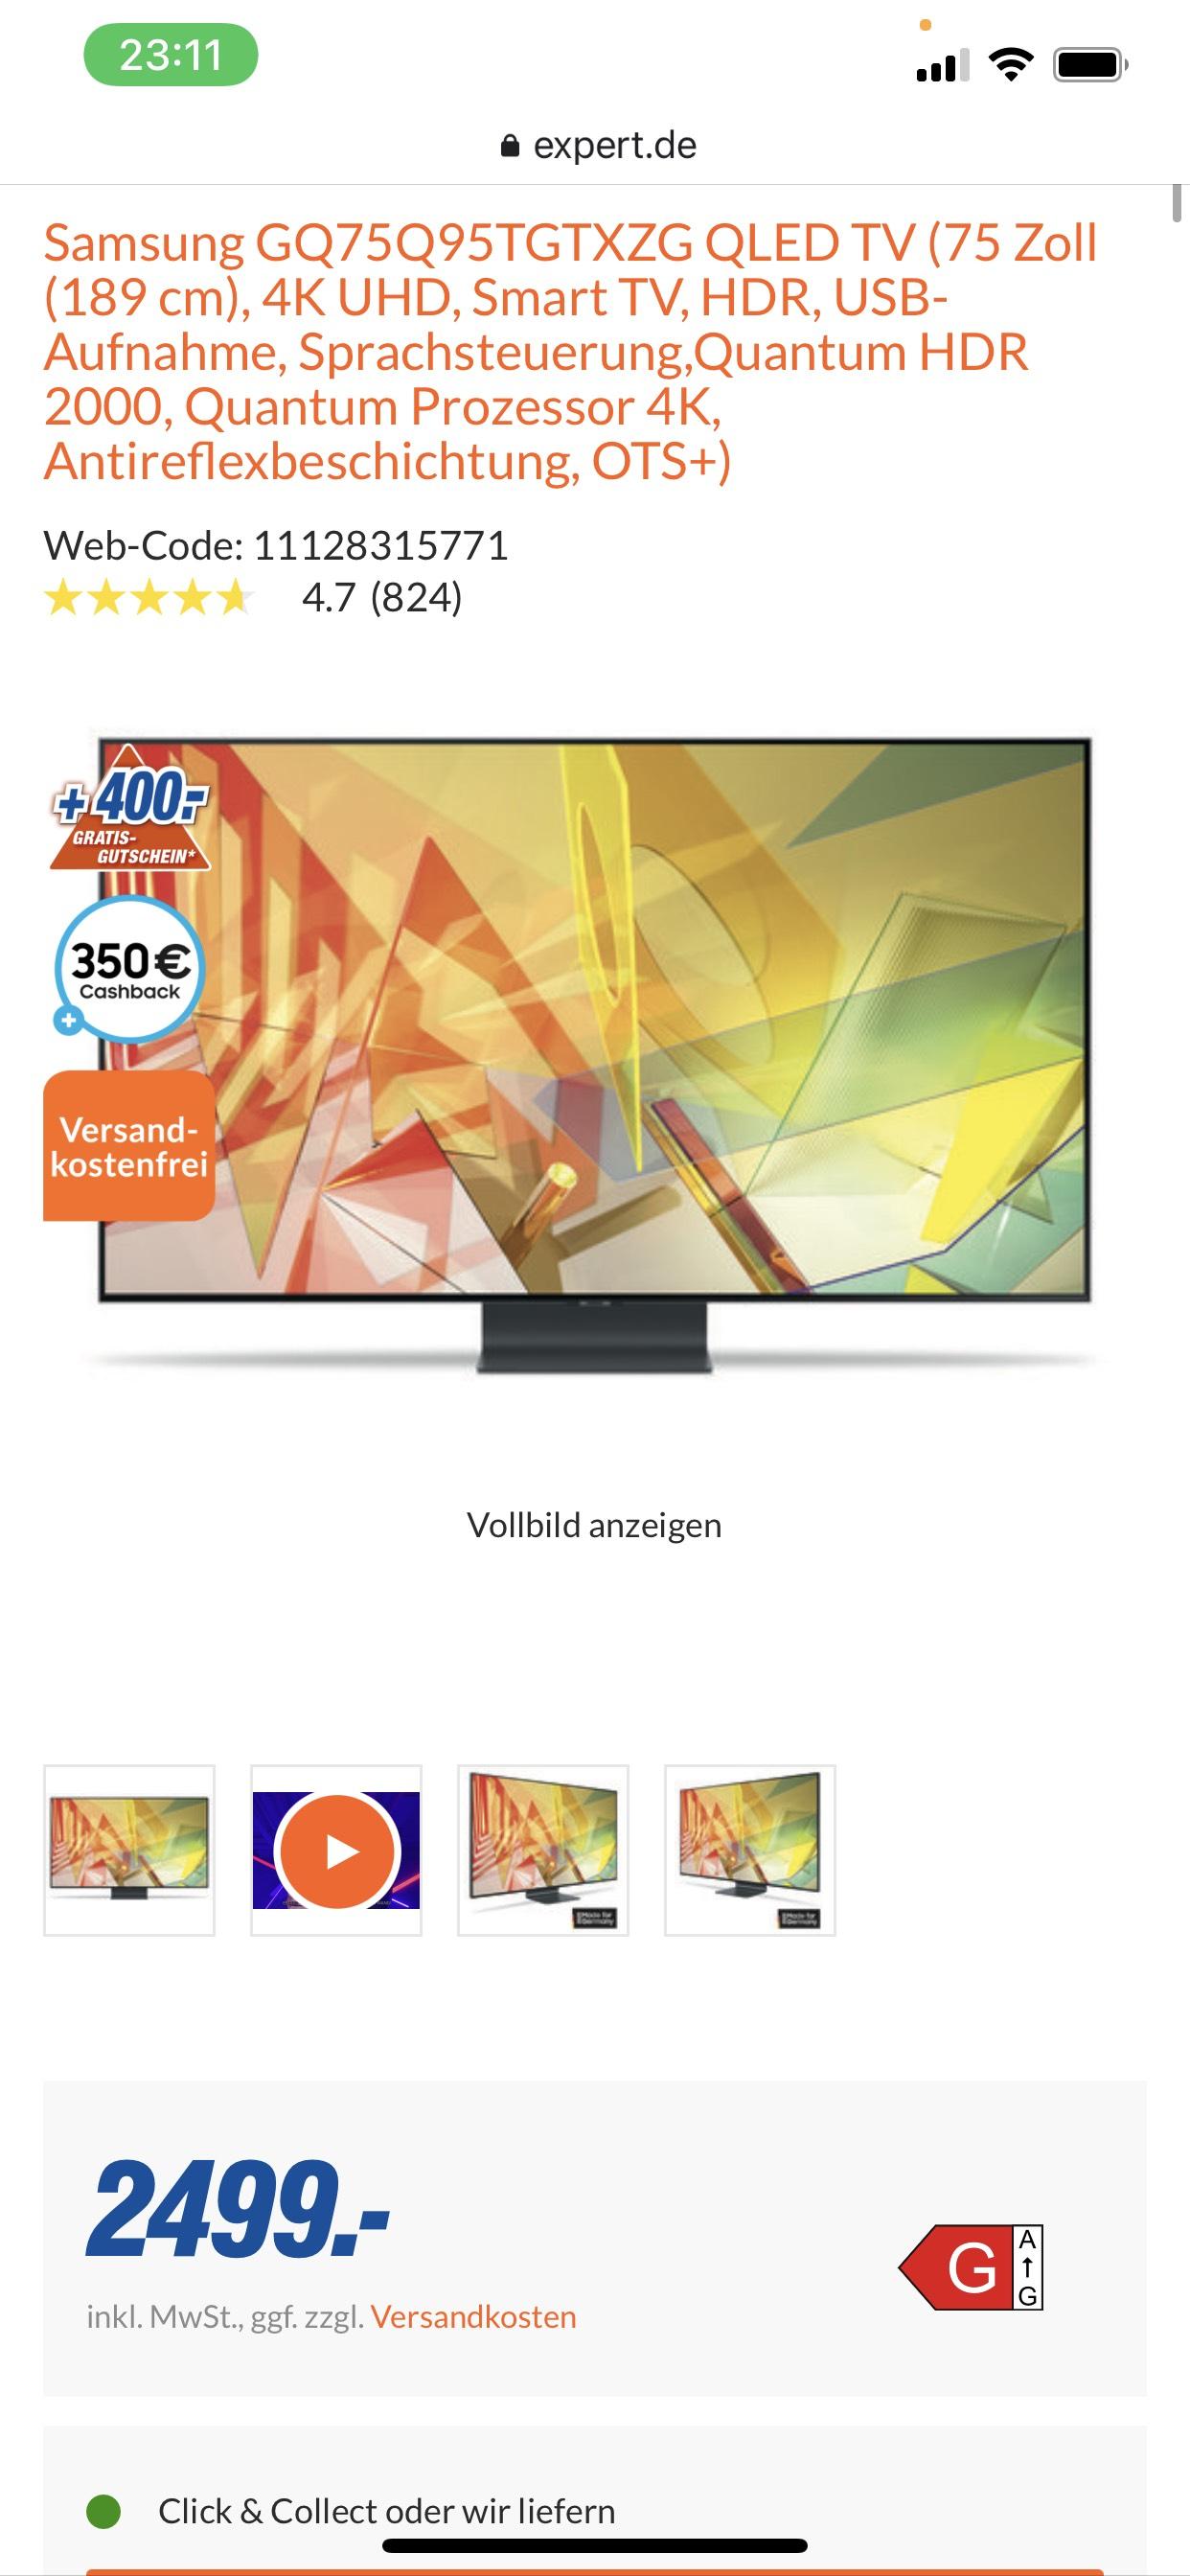 Samsung GQ75Q95TGTXZG für effektiv 1700€ (durch CB, 2% Shoop und Gutschein)